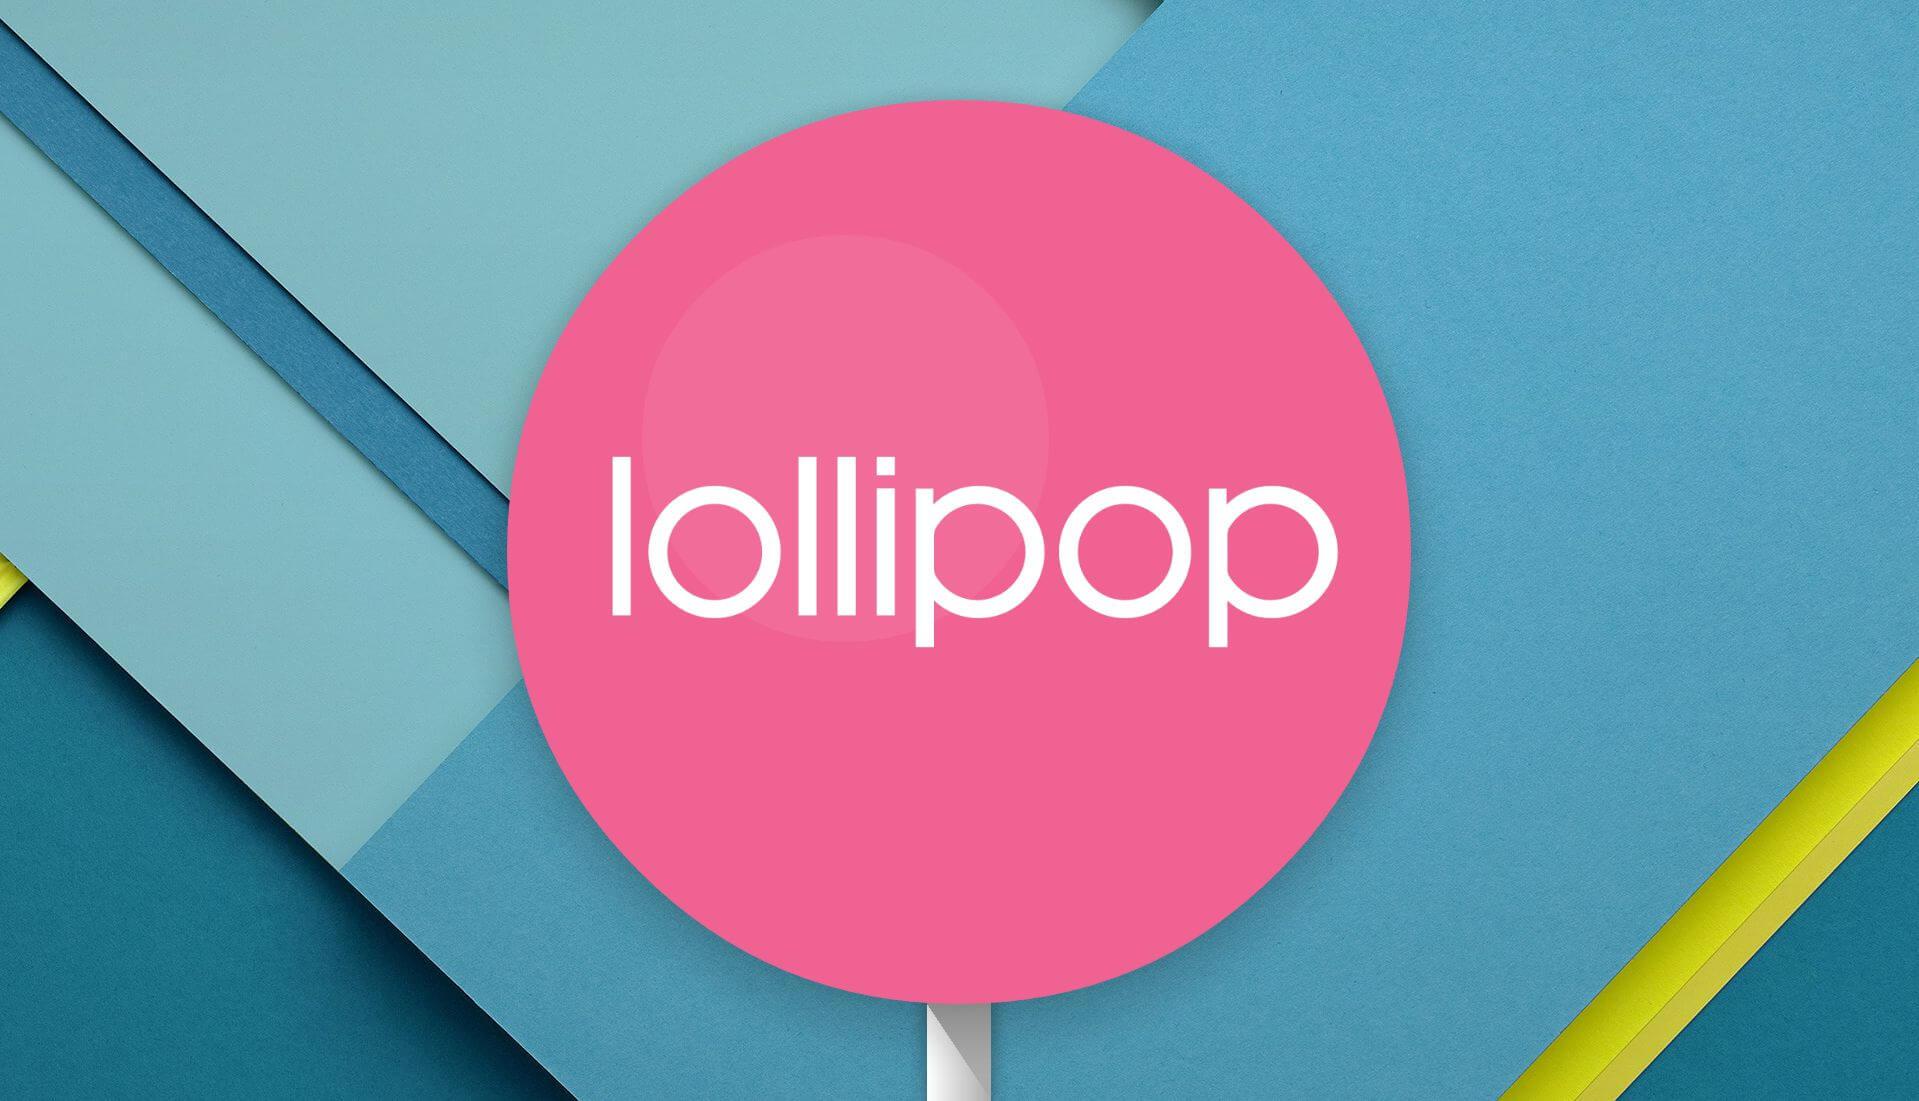 sony smartwatch 3 updated android lollipop techpanorma 2 - Agora você poderá desbloquar seu Android através de reconhecimento de voz